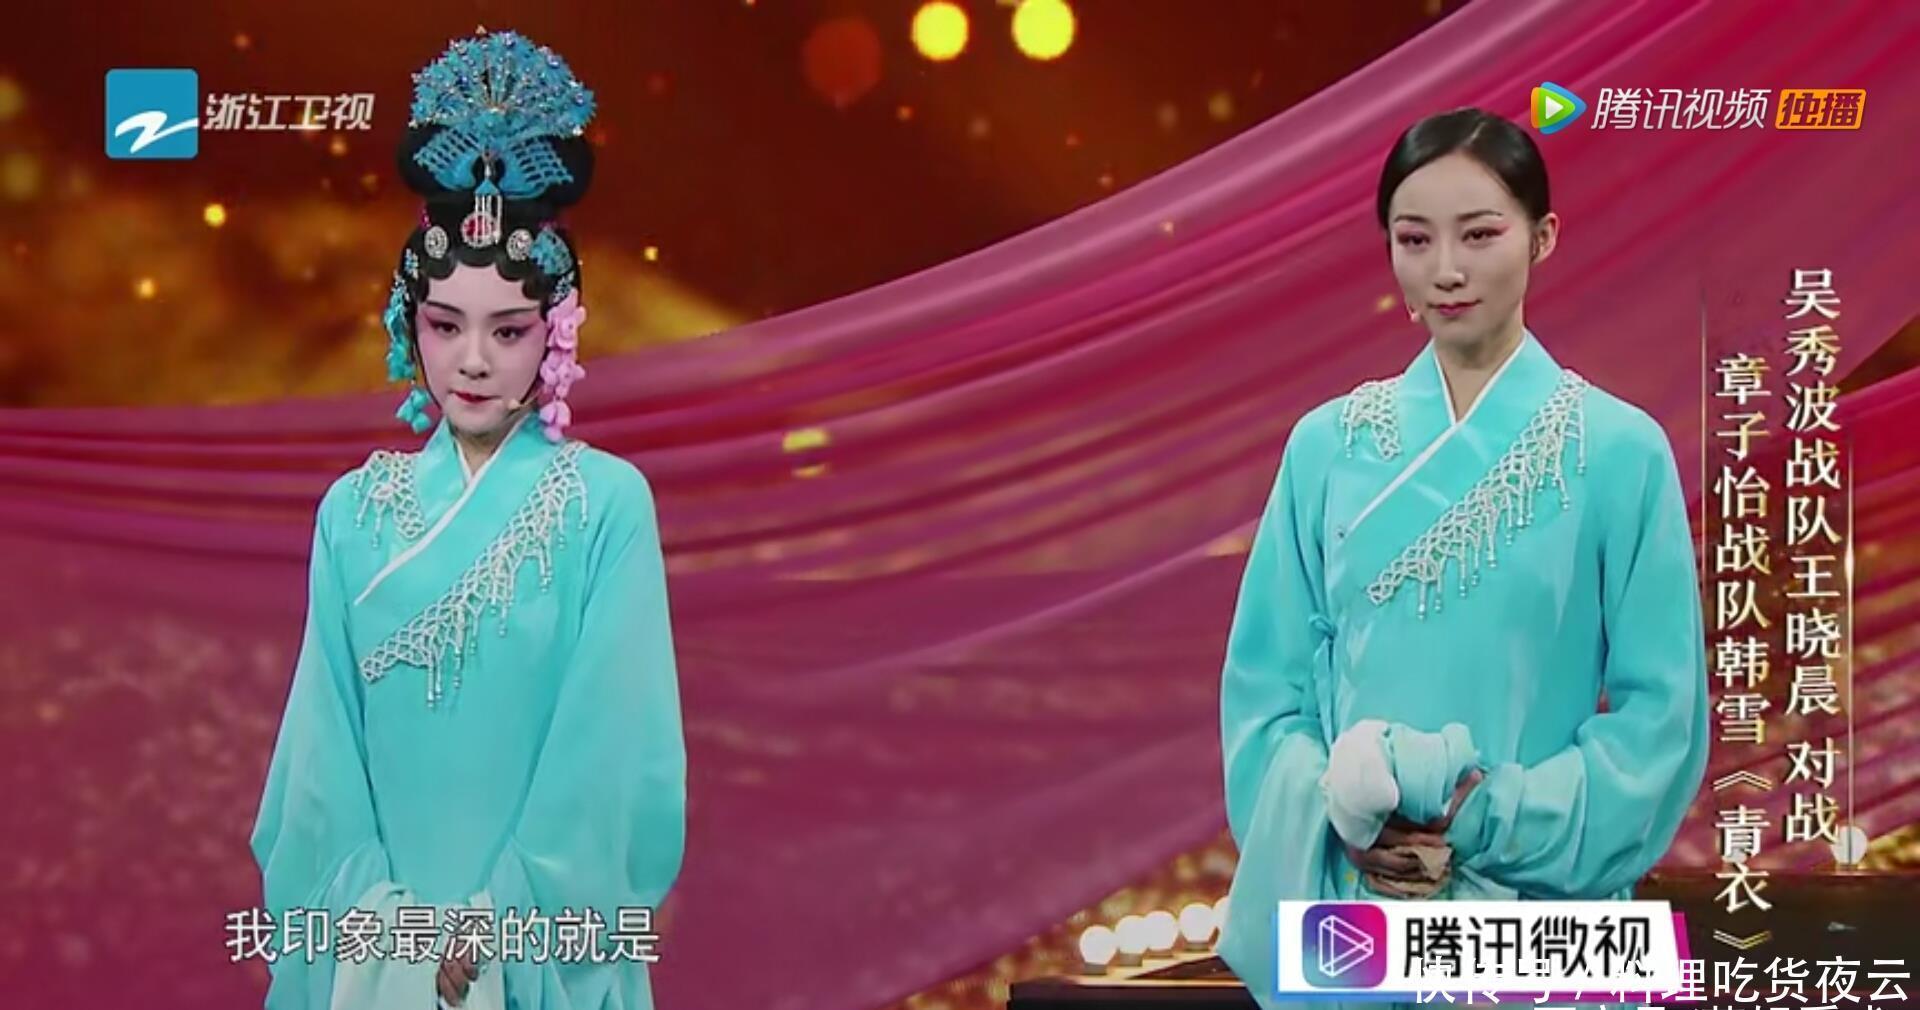 《我女人句子》吴秀波派王晓晨出战韩雪,是选演员一个的的高挑描写性感就是图片